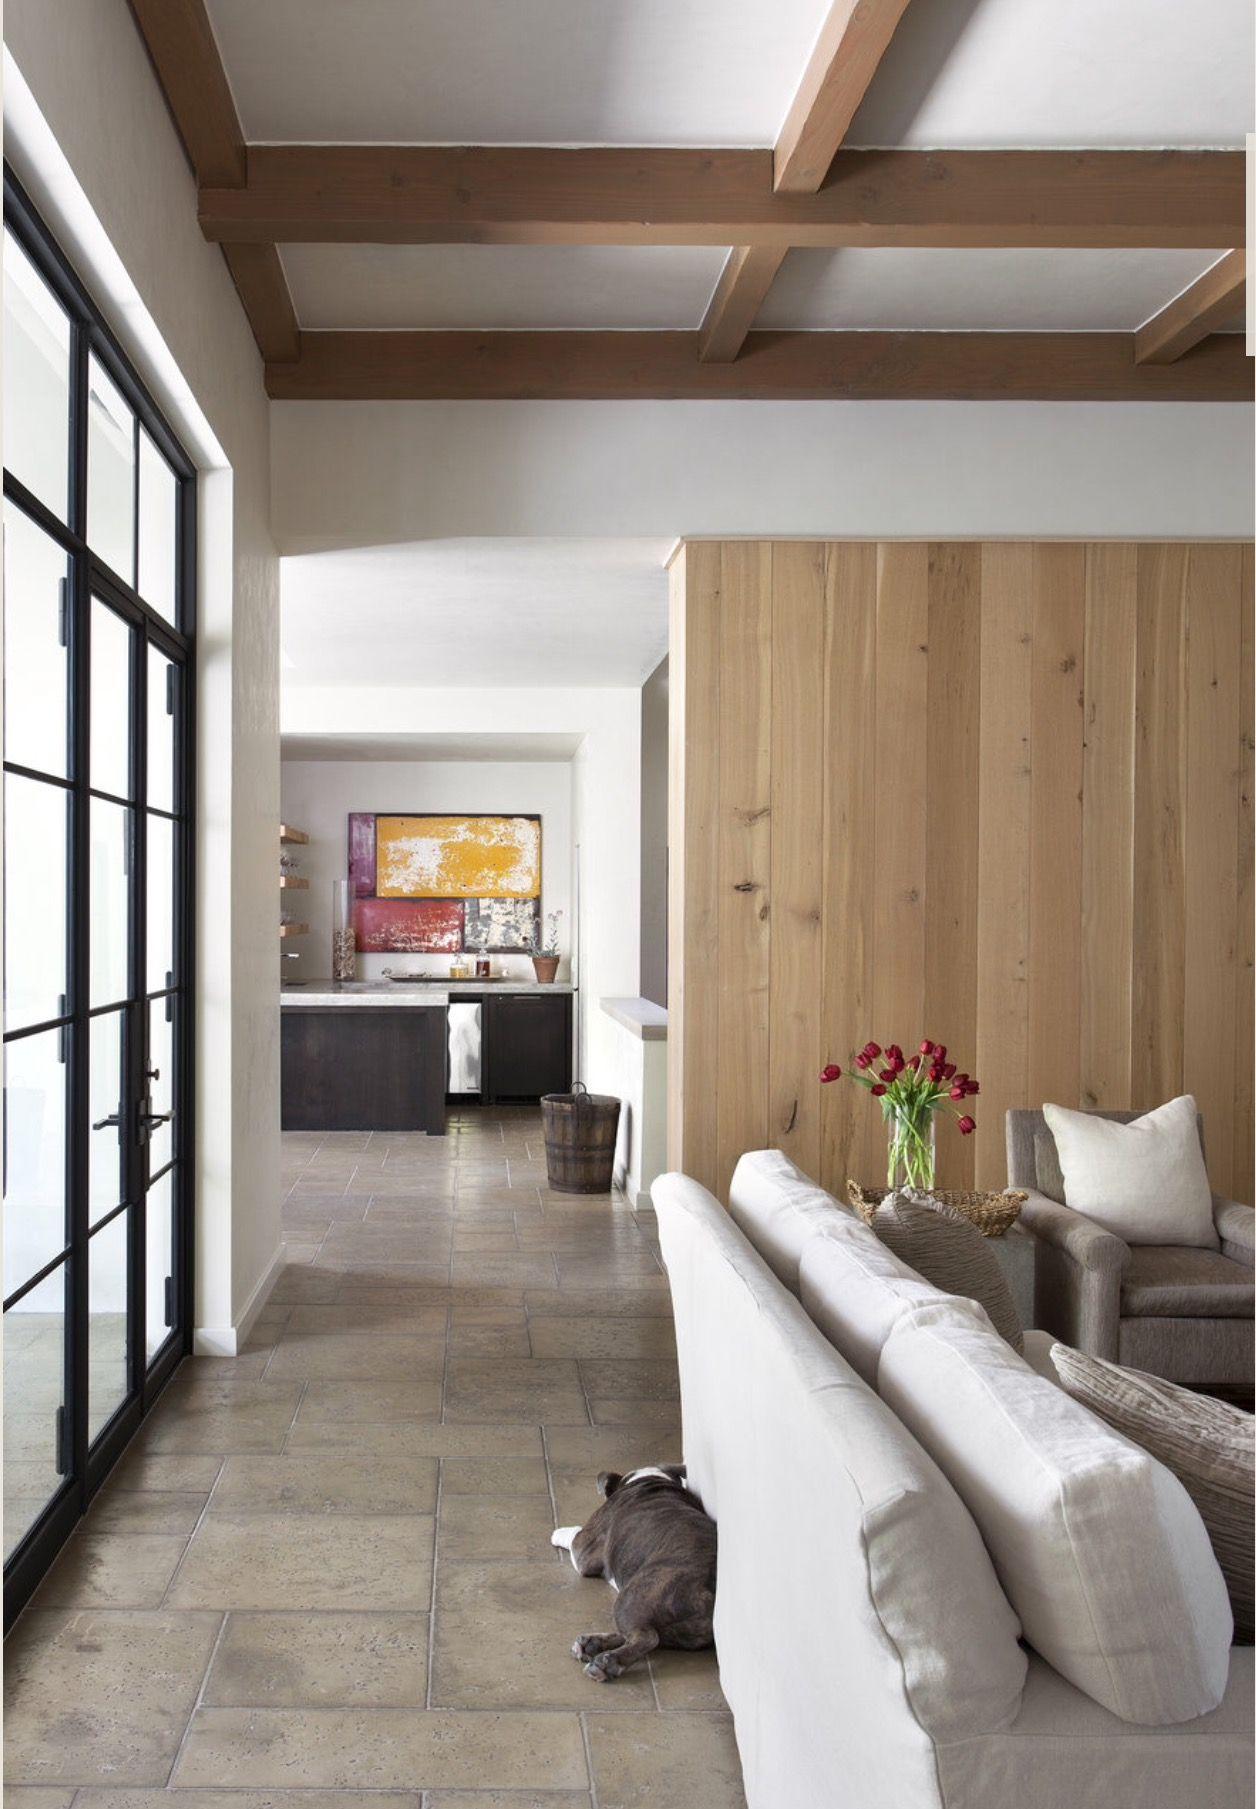 Etonnant Architecture Interior Design, Texas, Texas Travel, Midland Texas